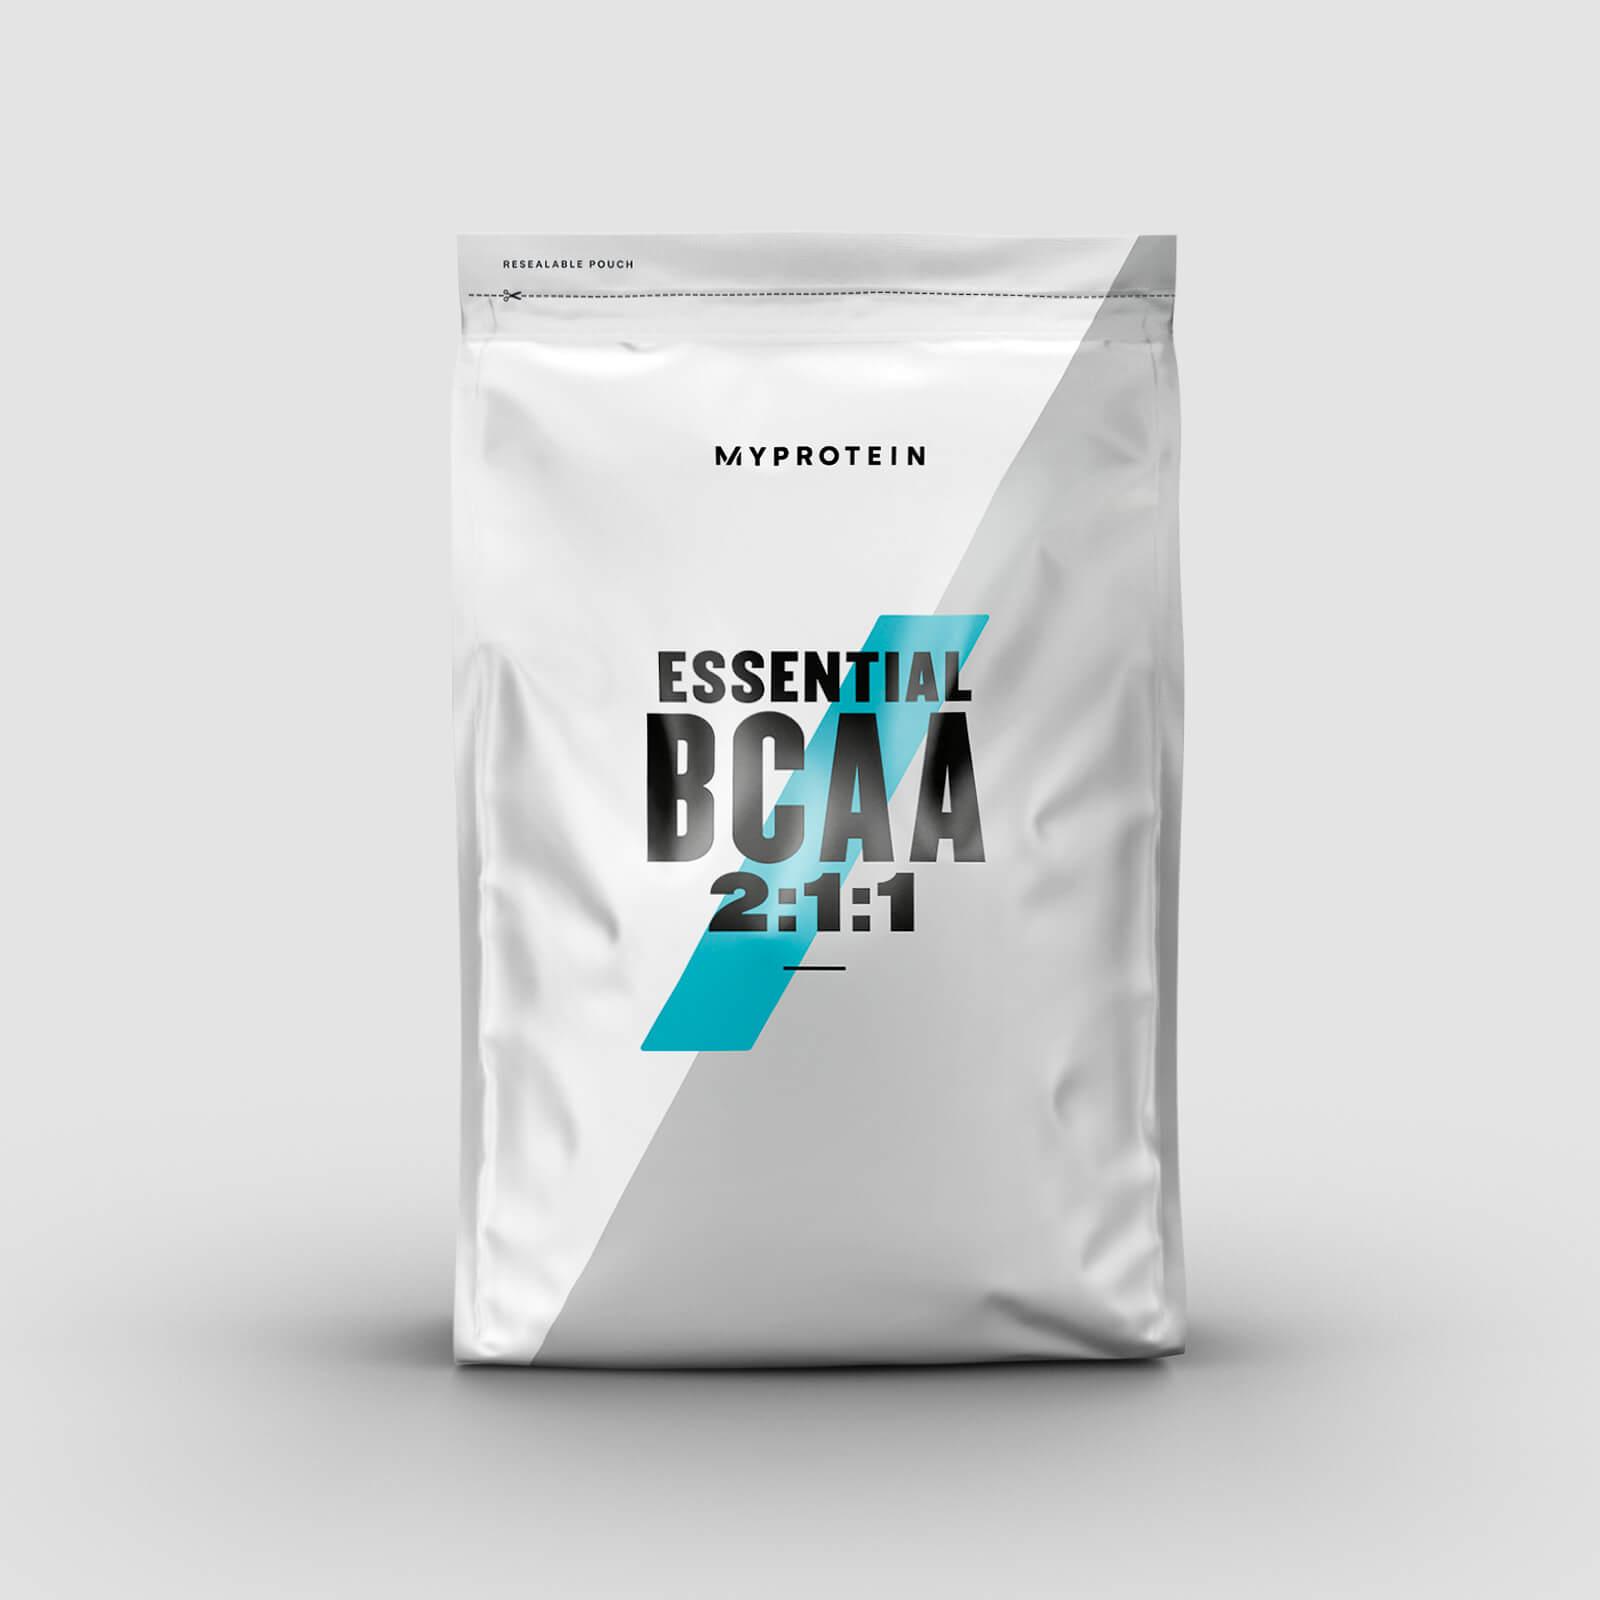 Myprotein Essential BCAA 2:1:1 - 250g - Grenadine